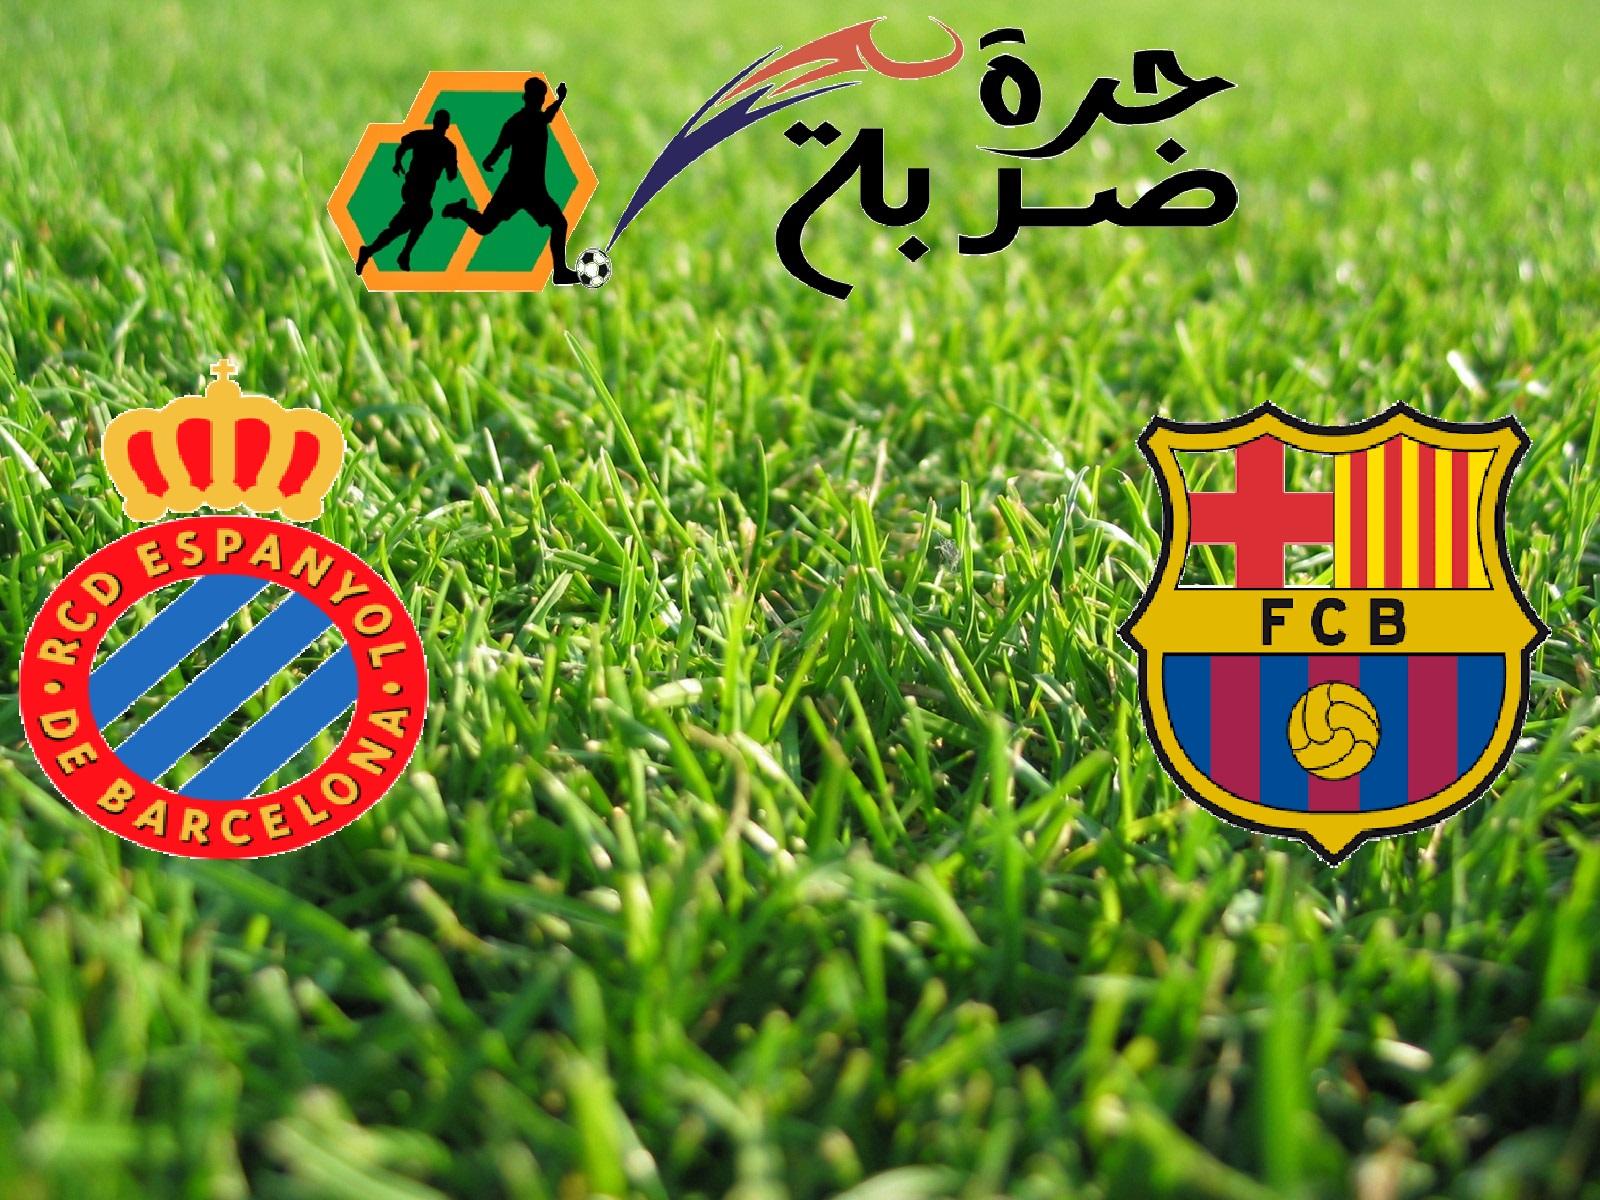 نتيجة مباراة برشلونة واسبانيول اليوم السبت بتاريخ 30-03-2019 الدوري الاسباني